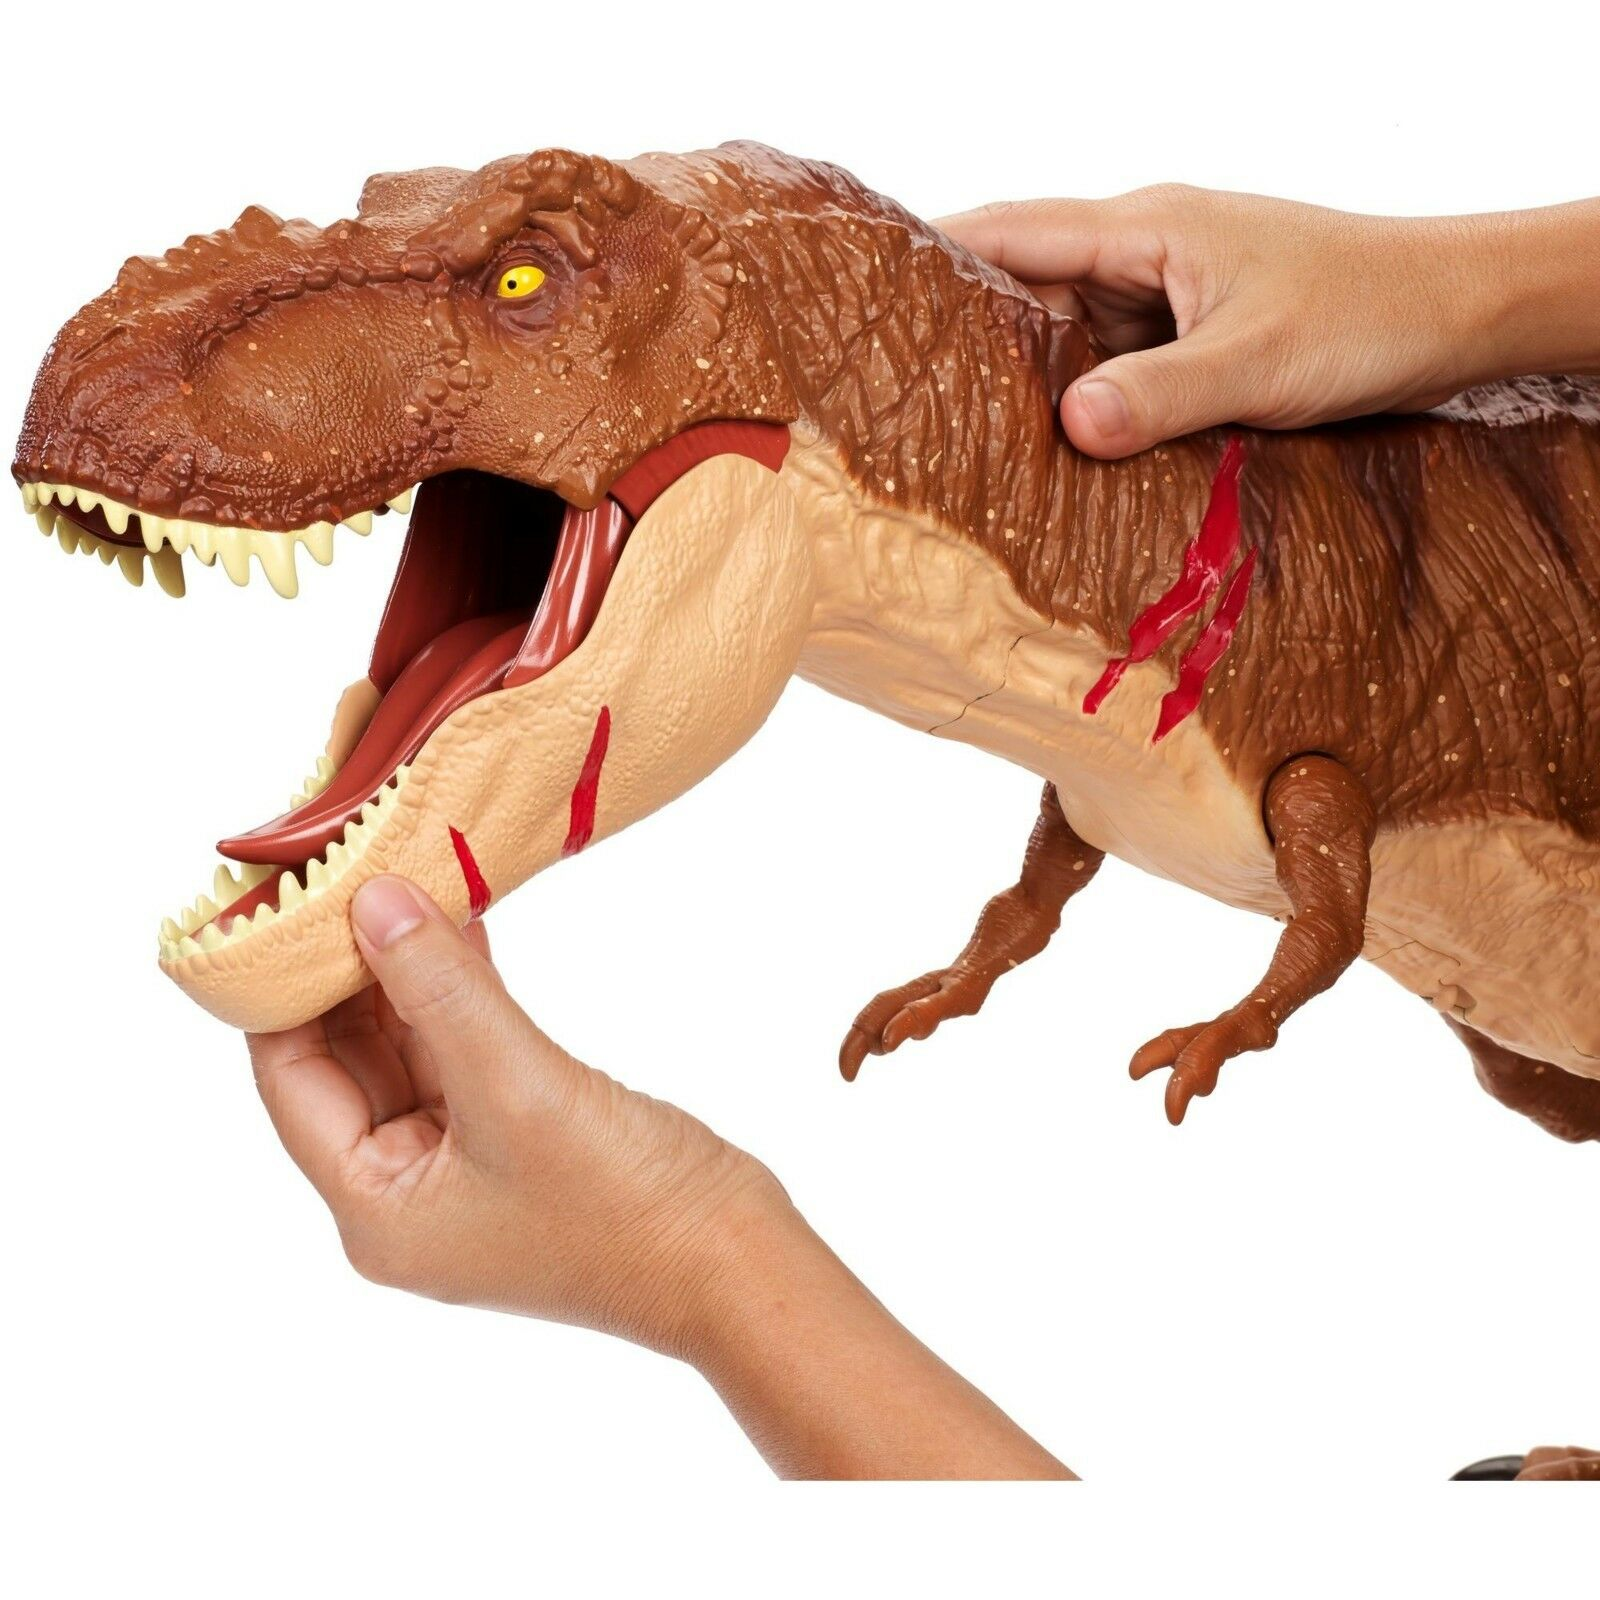 Dino - welt im kampf gegen super - gigantische tyrannosaurus t - rex große dinosaurier - figur